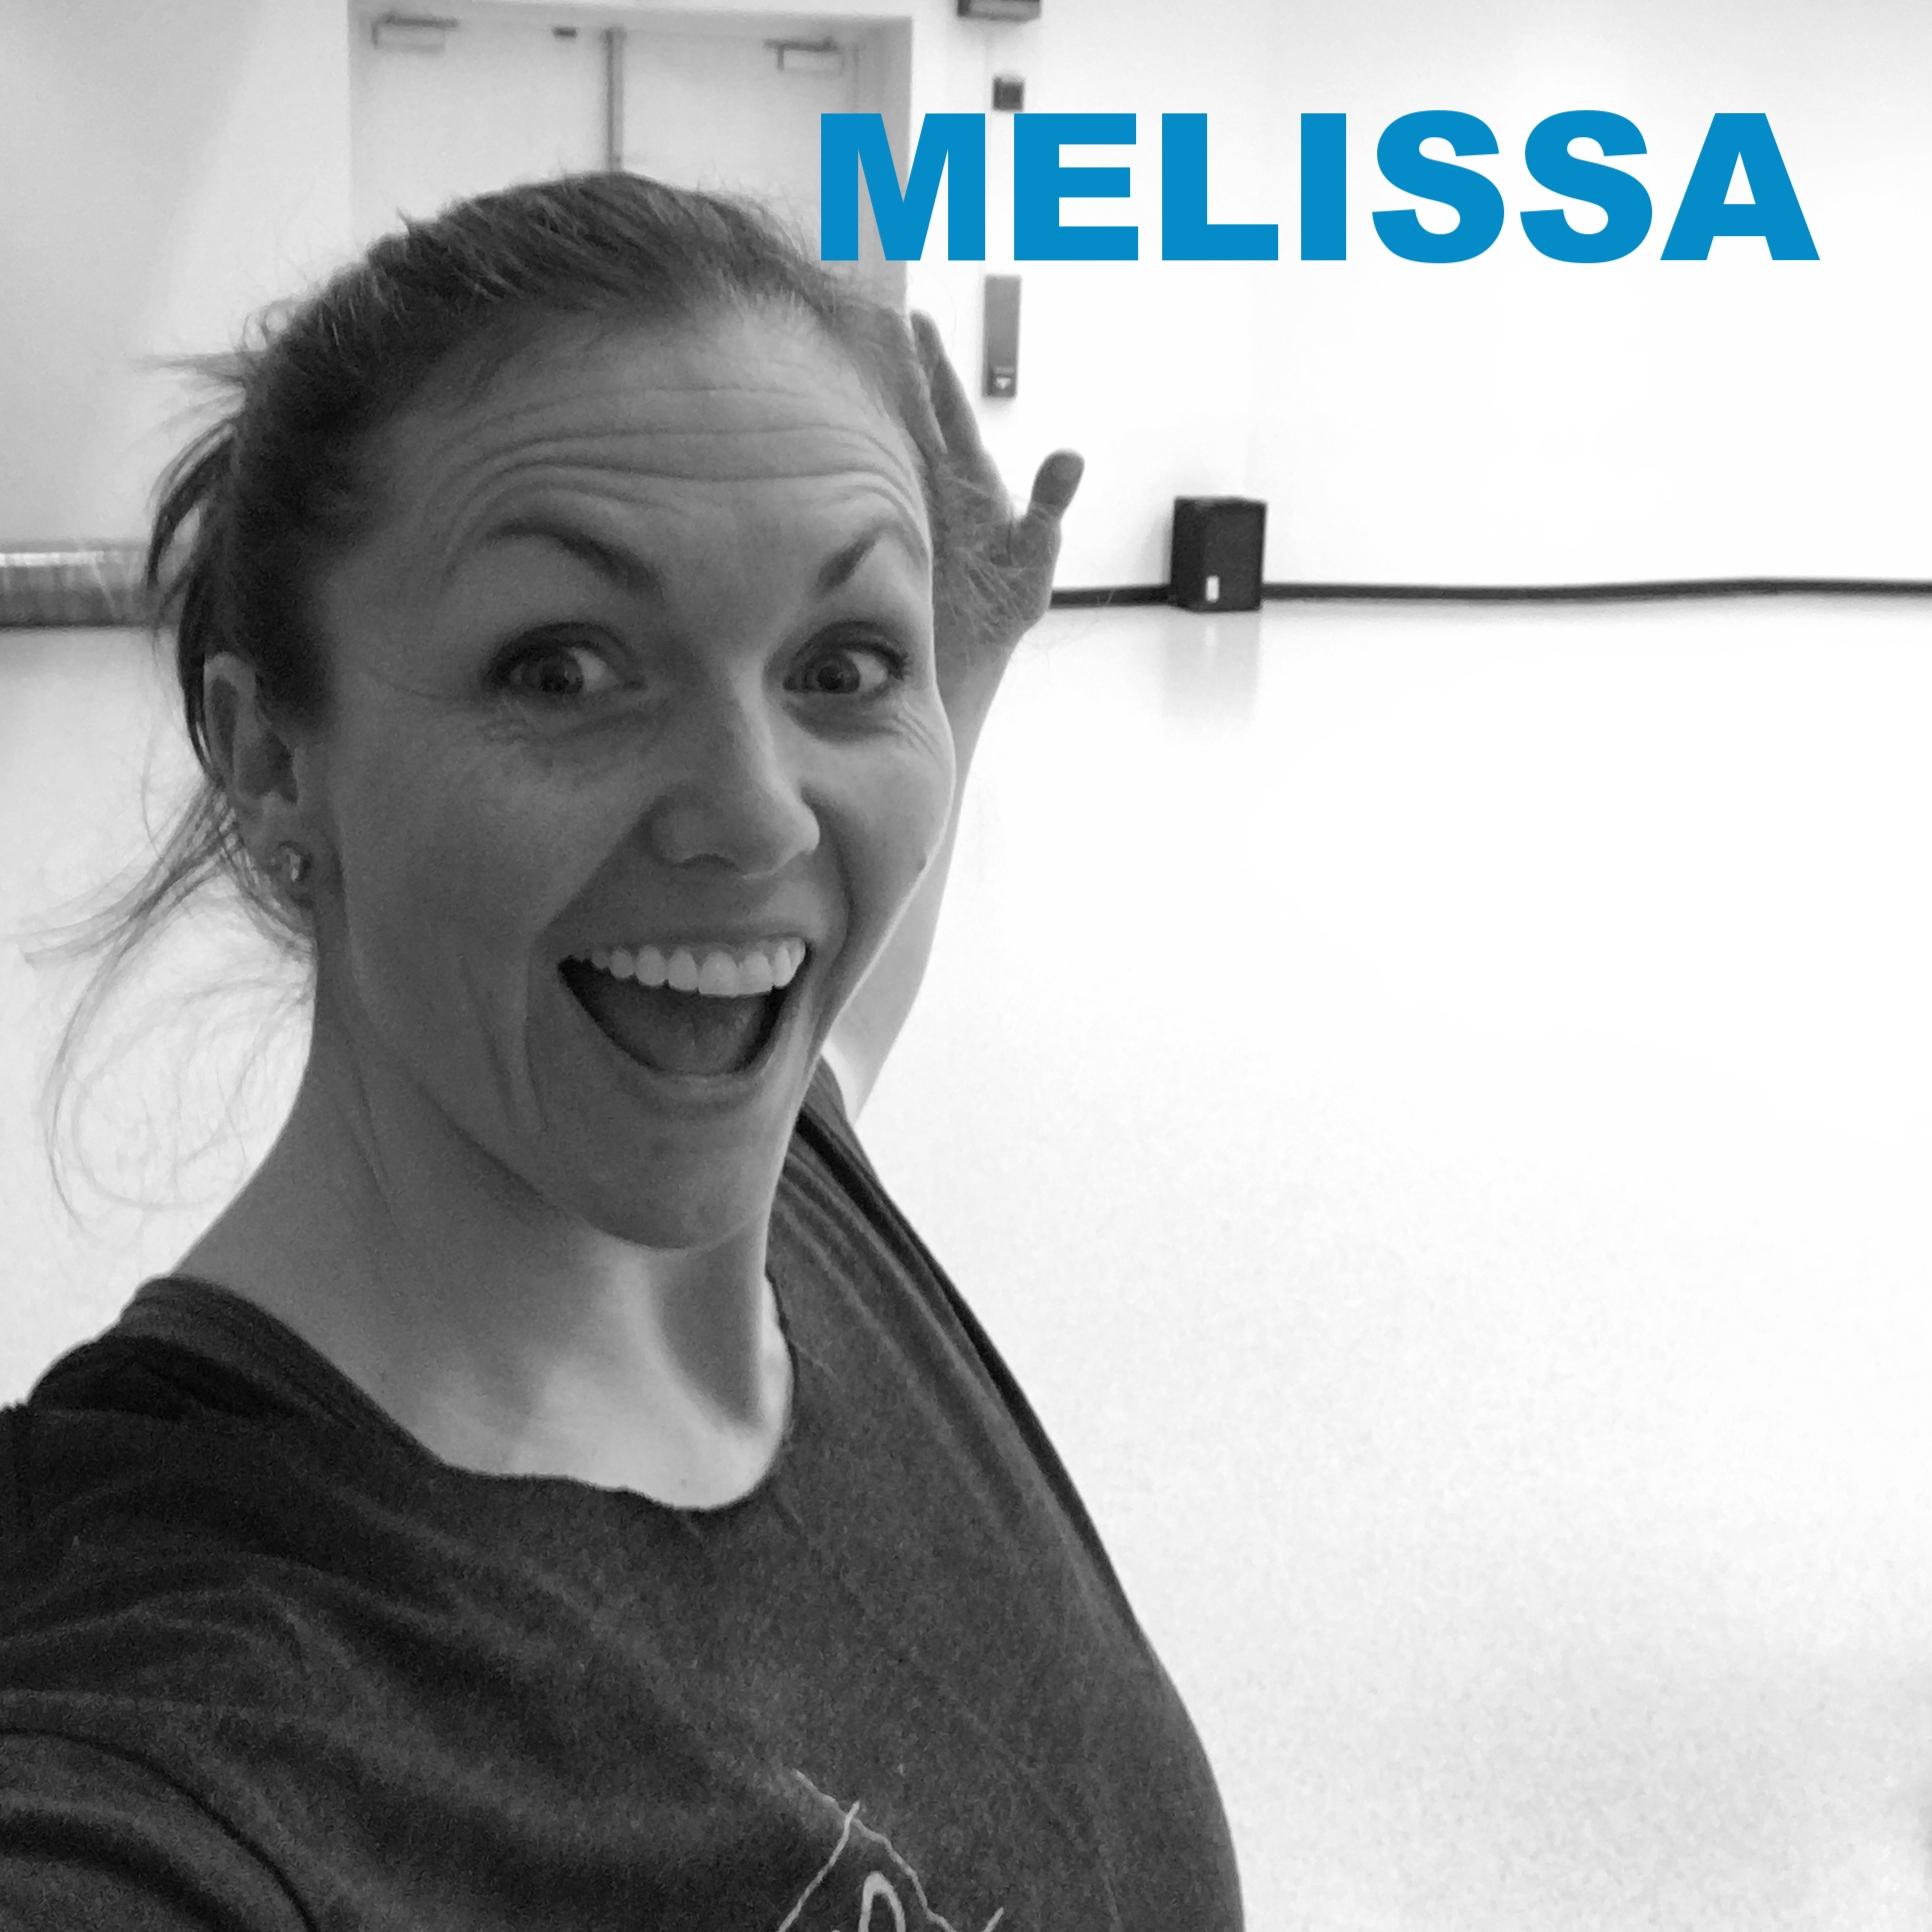 Melissa jabaay